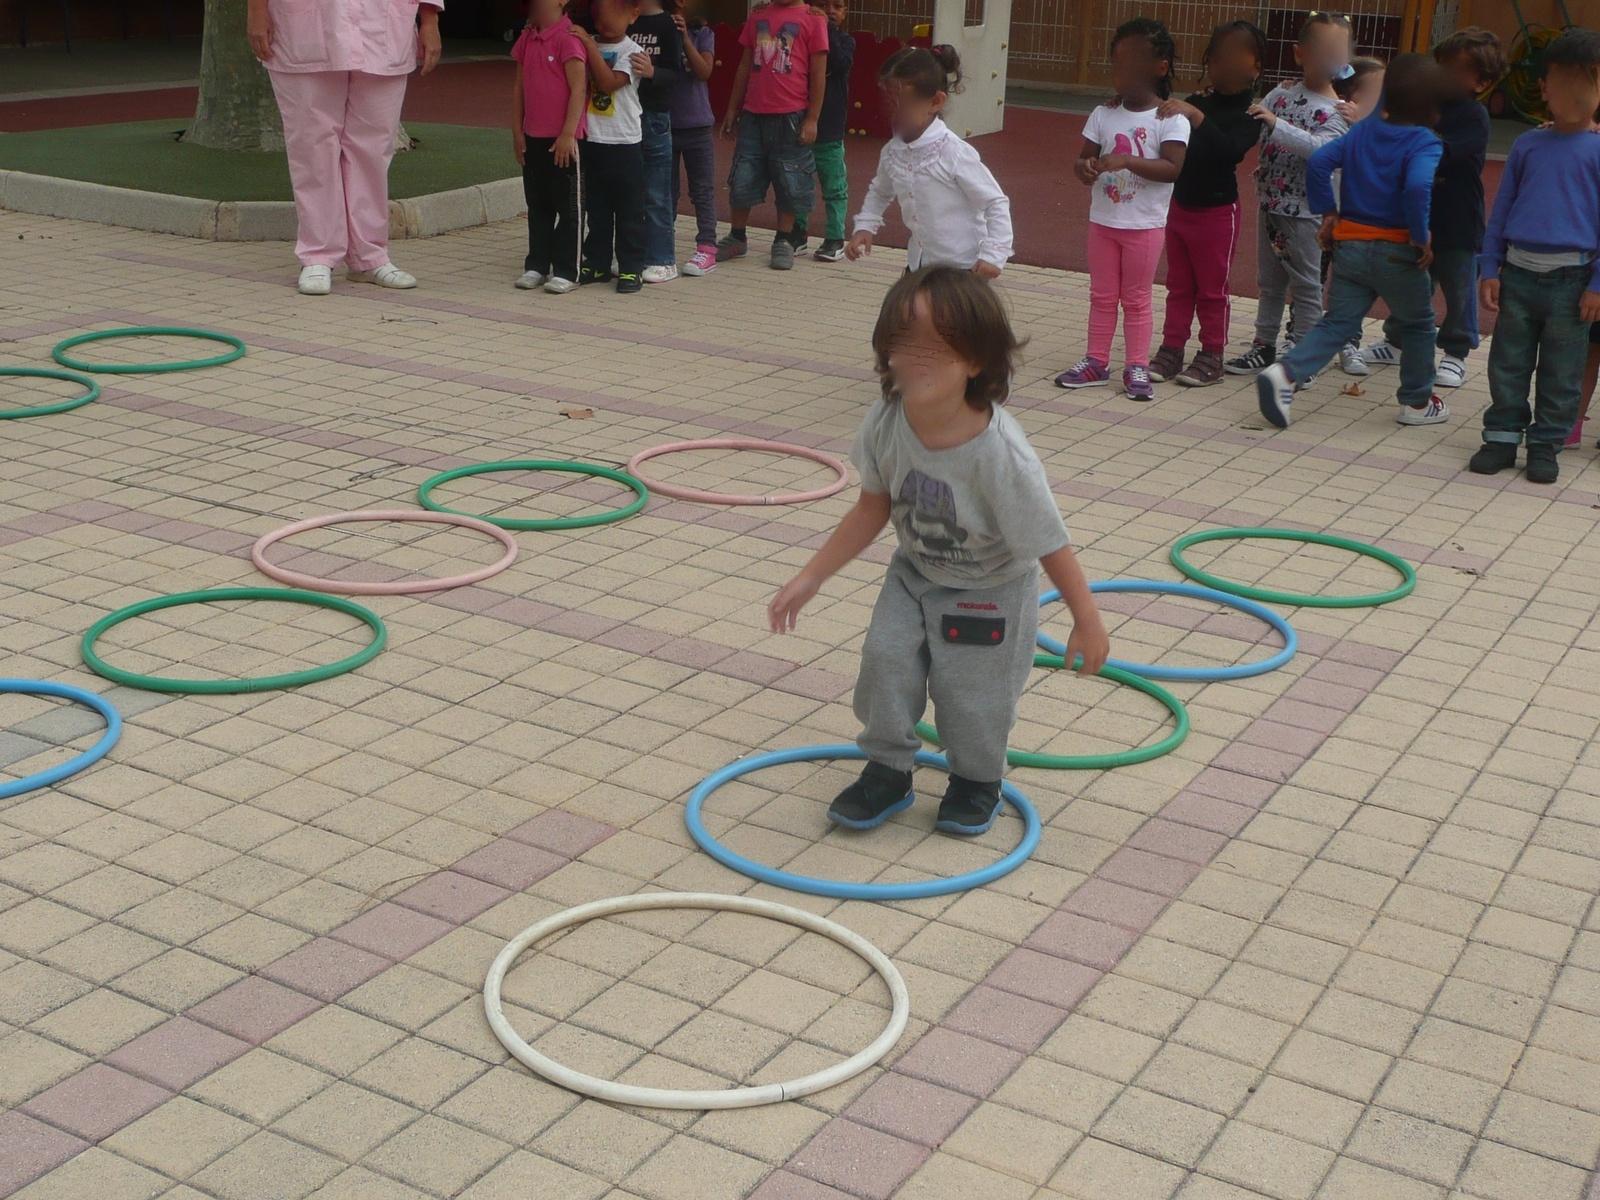 Des Jeux En Petite Section De Maternelle - Jouer Pour La Paix intérieur Jeux Pour Petite Section